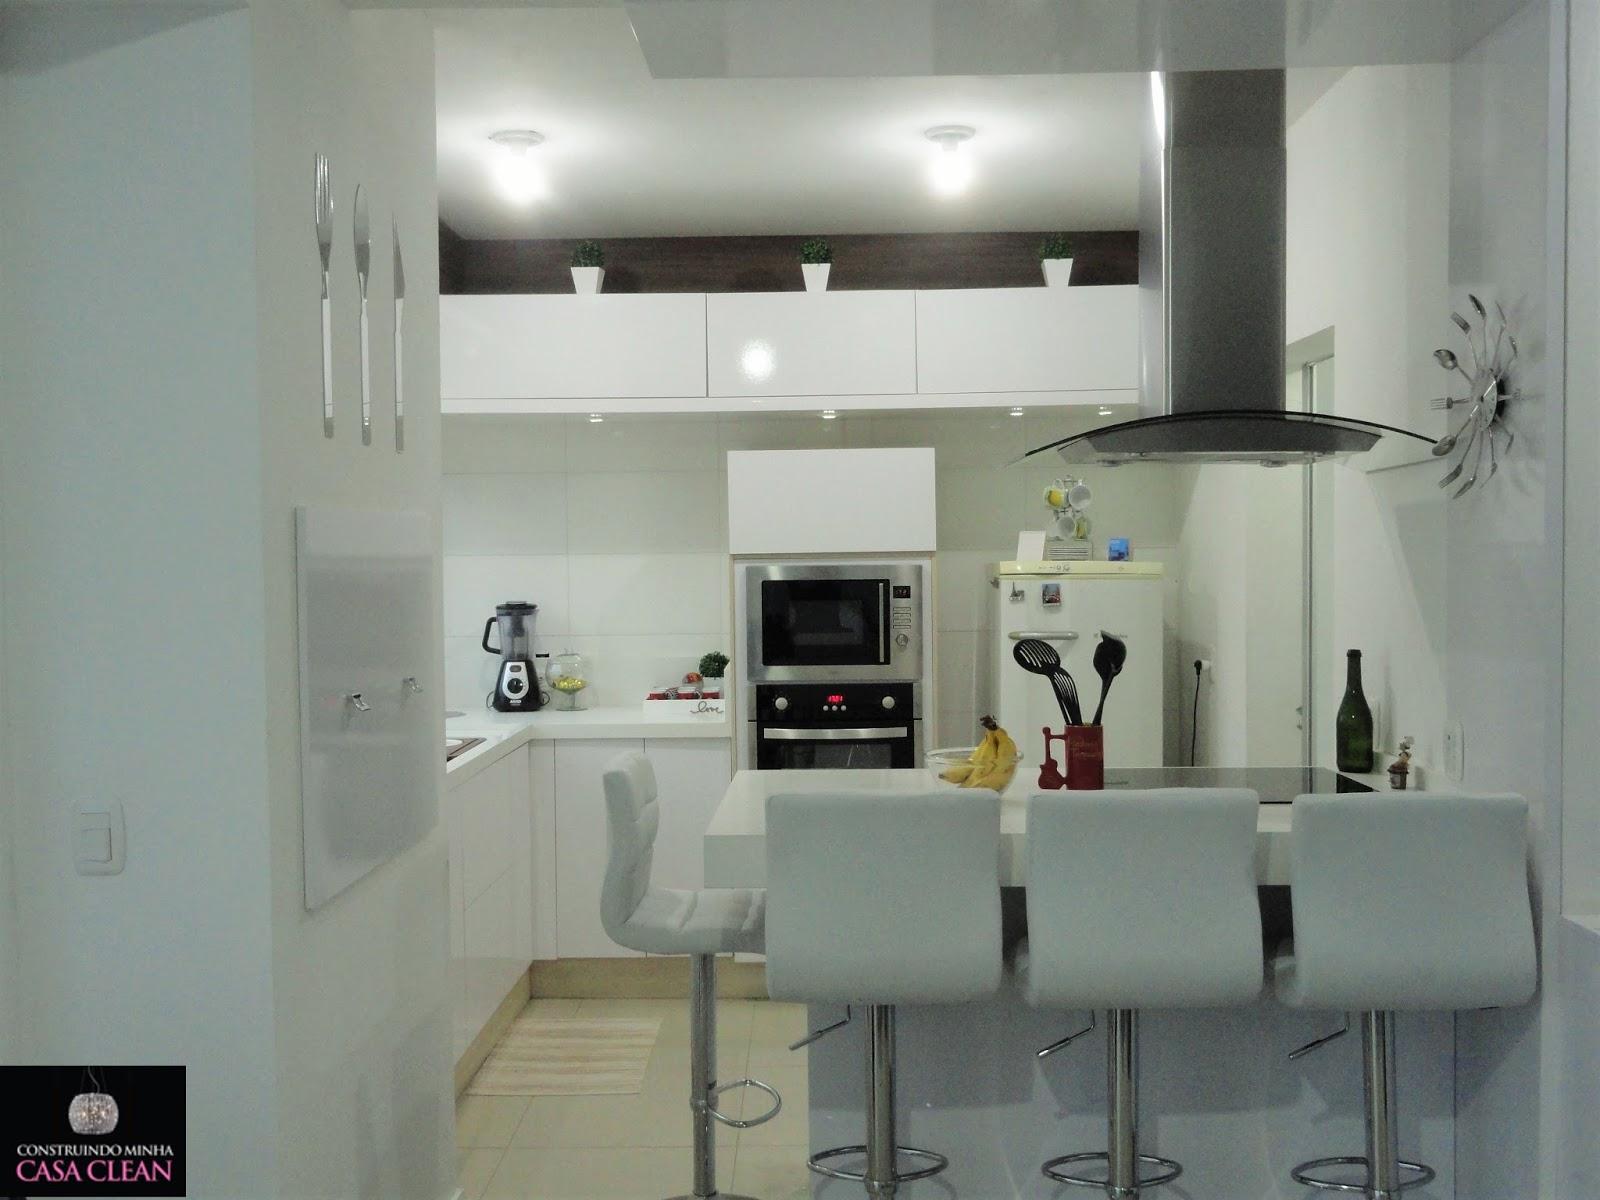 #5D4743 Decoração da minha cozinha e lavanderia Bandeja e vasos com  1600x1200 px Fornecedores De Cozinha_754 Imagens